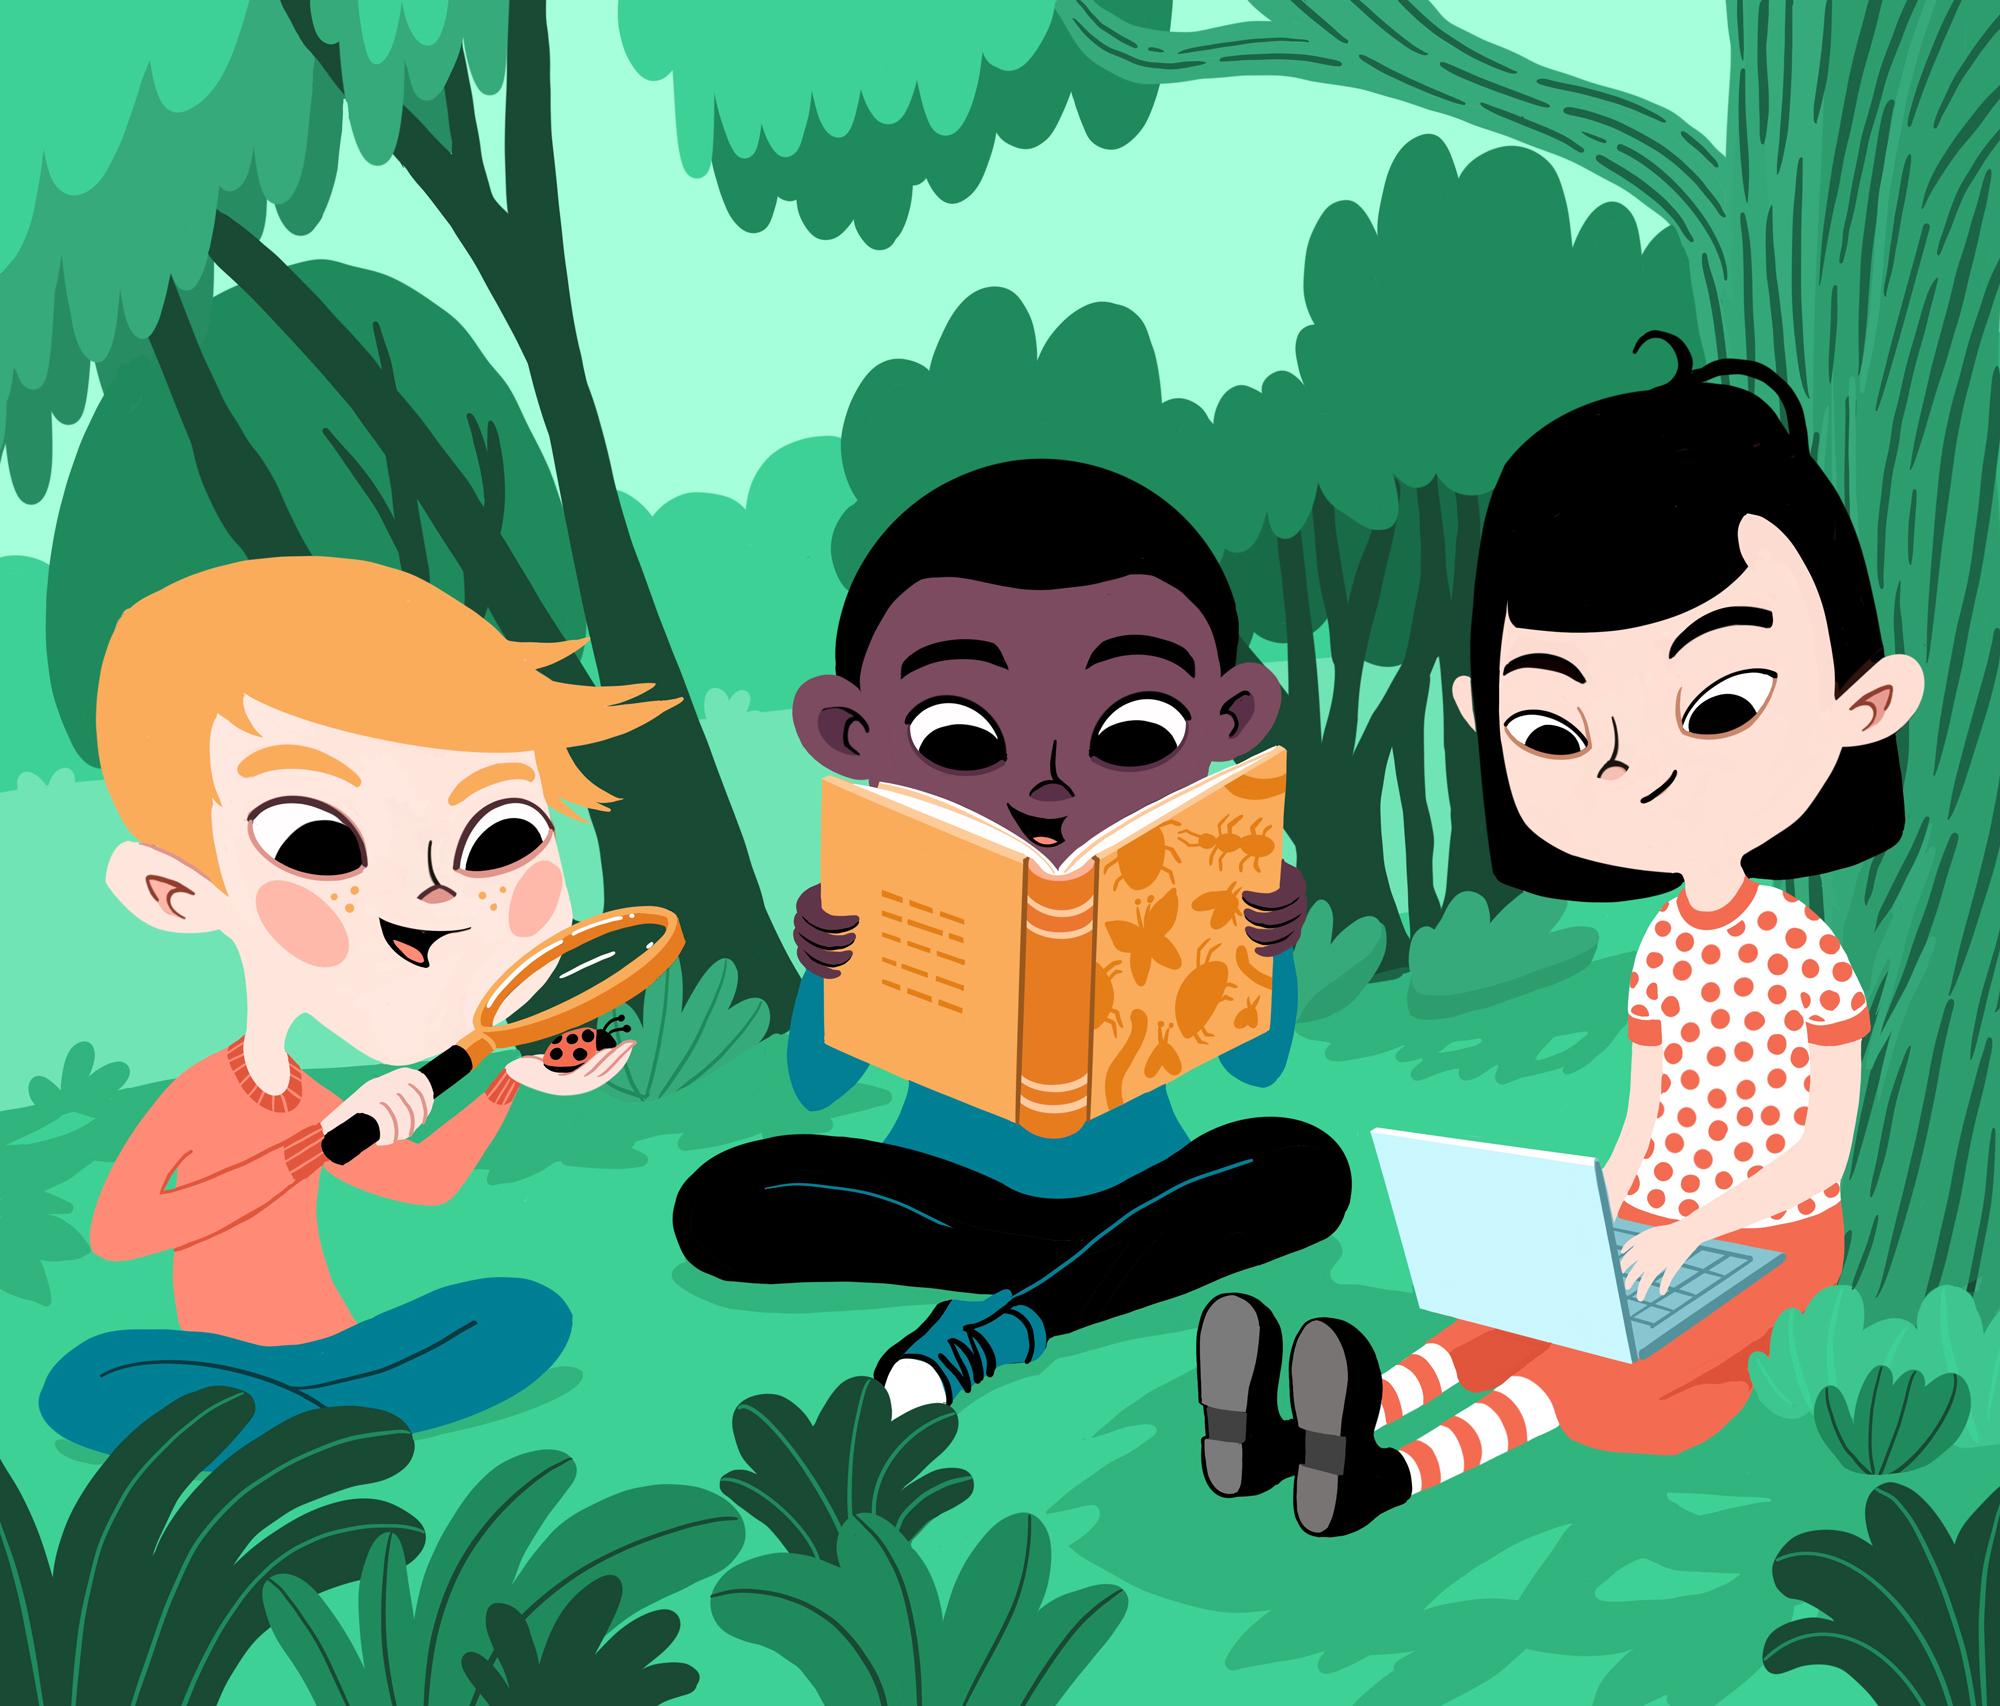 kuvitusgrafiikkaa, jossa kolme lasta tutkivat luontoympäristössä